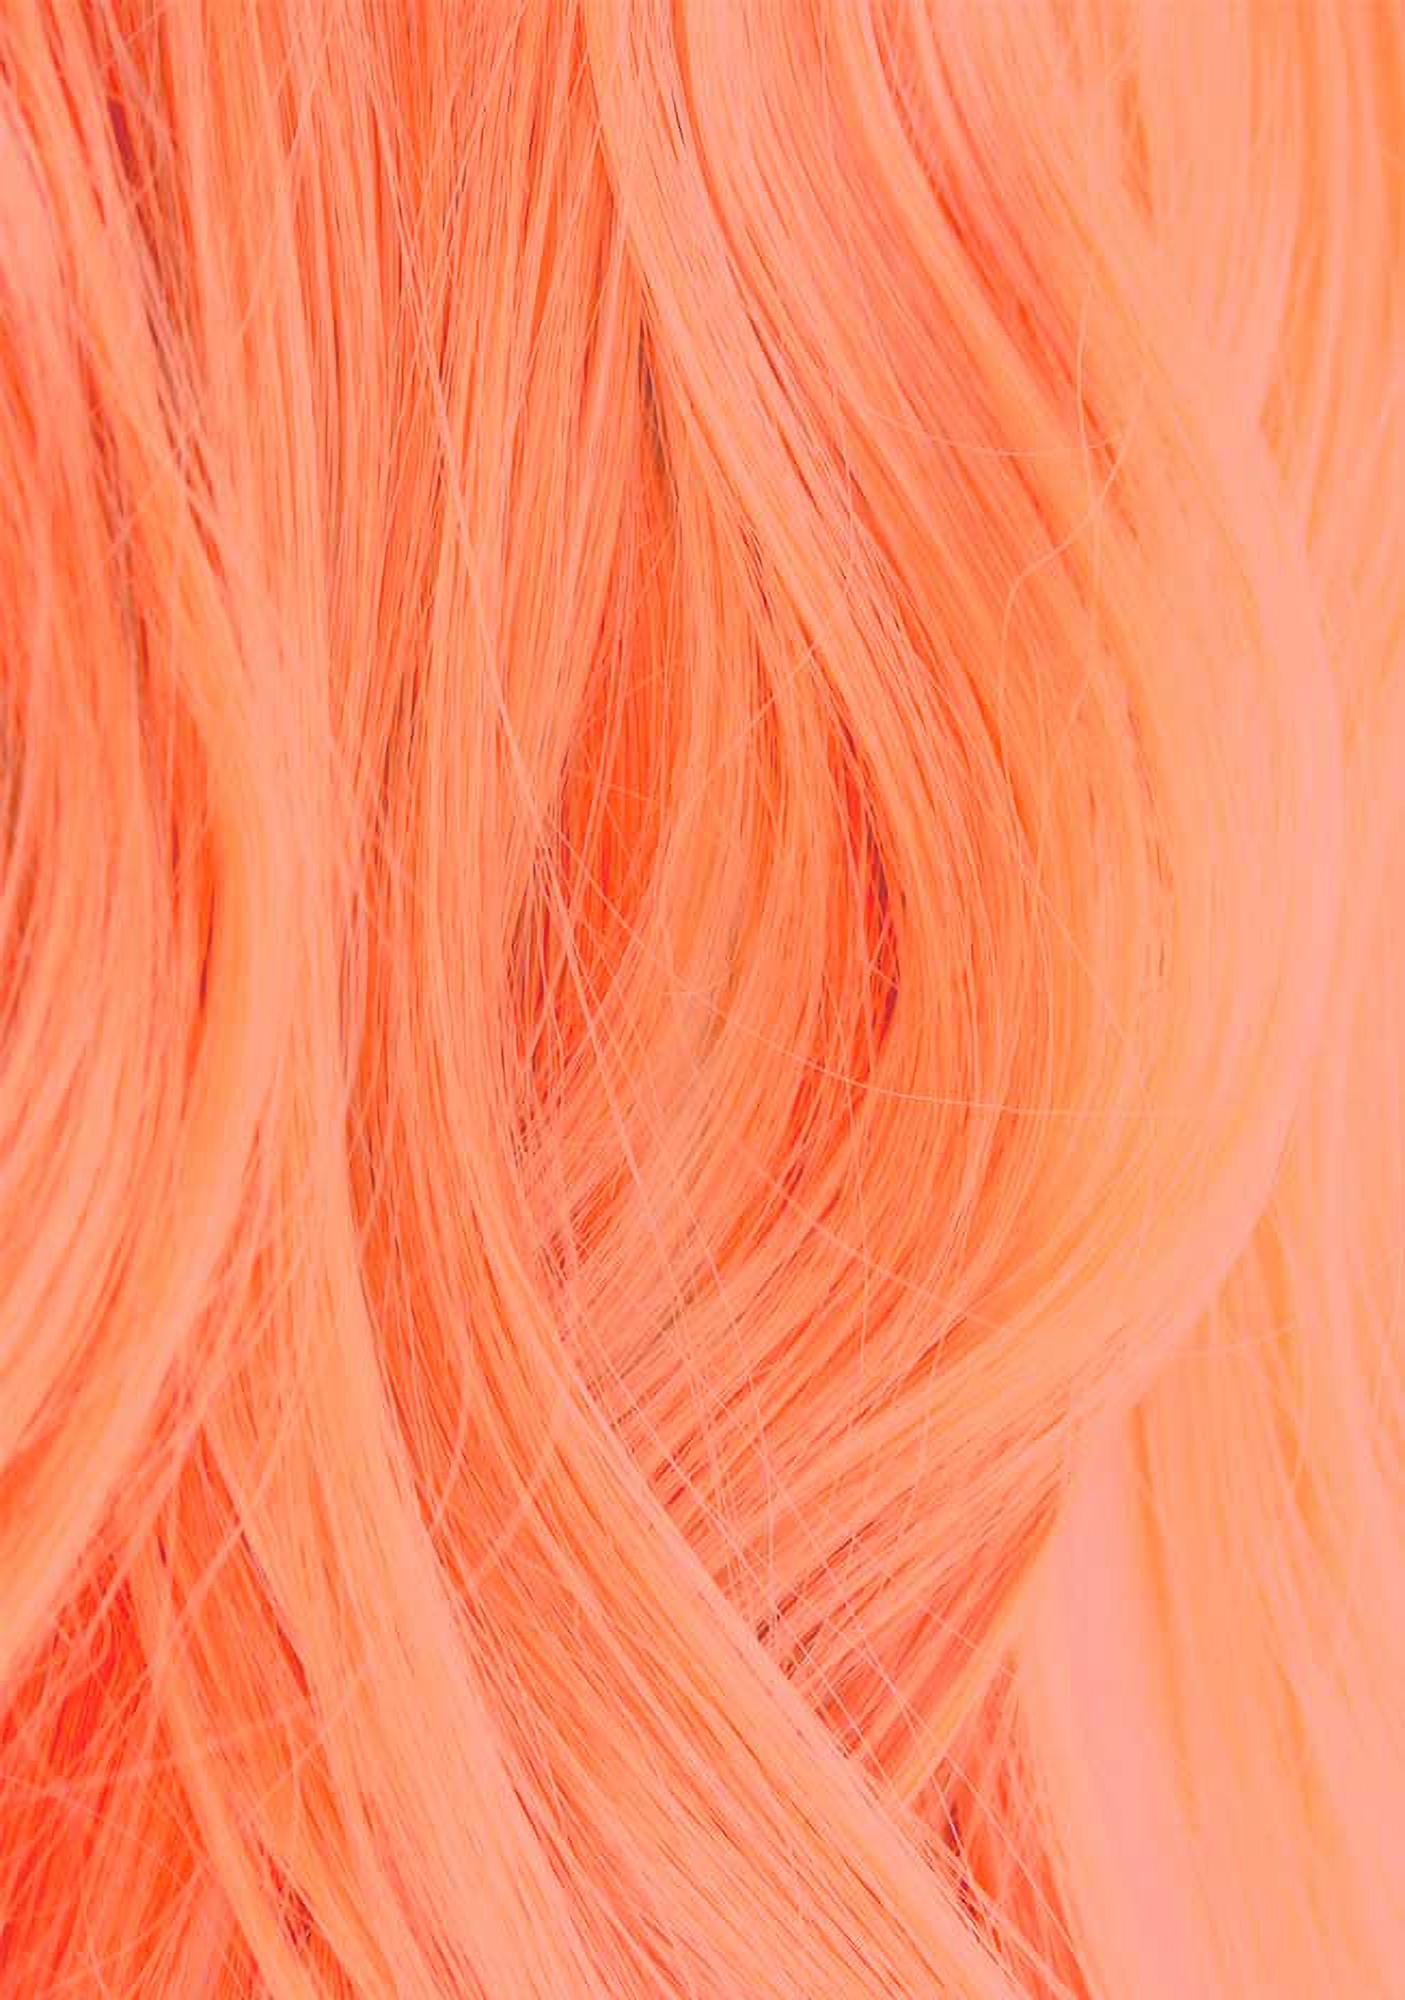 Iroiro Pastel 250 Peach Hair Dye